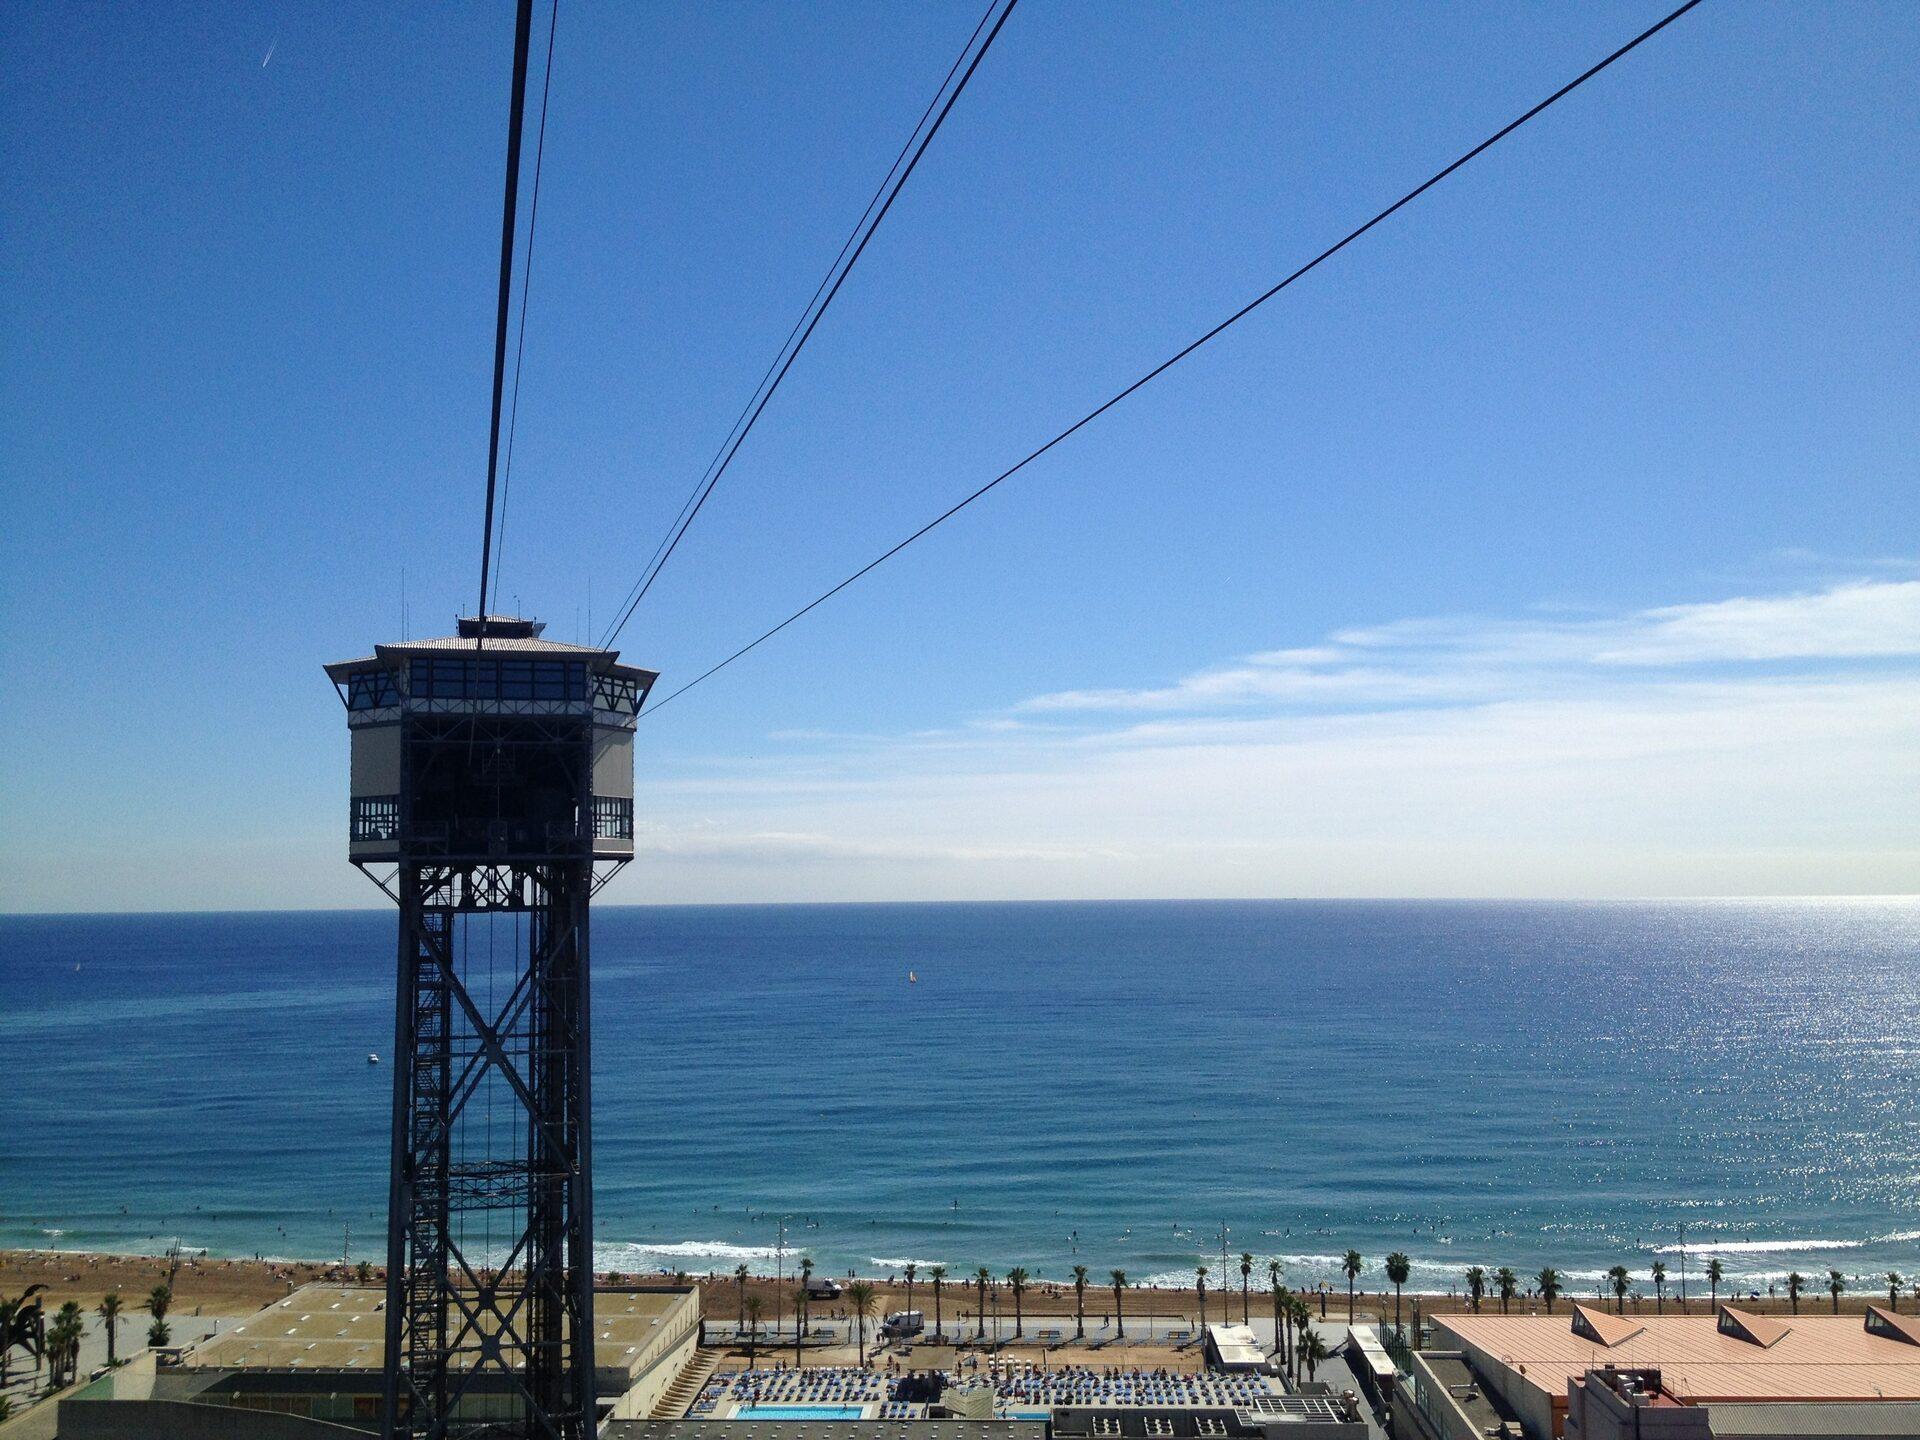 Barcellona salire a montjuic metro teleferica e for Barcellona vacanze low cost